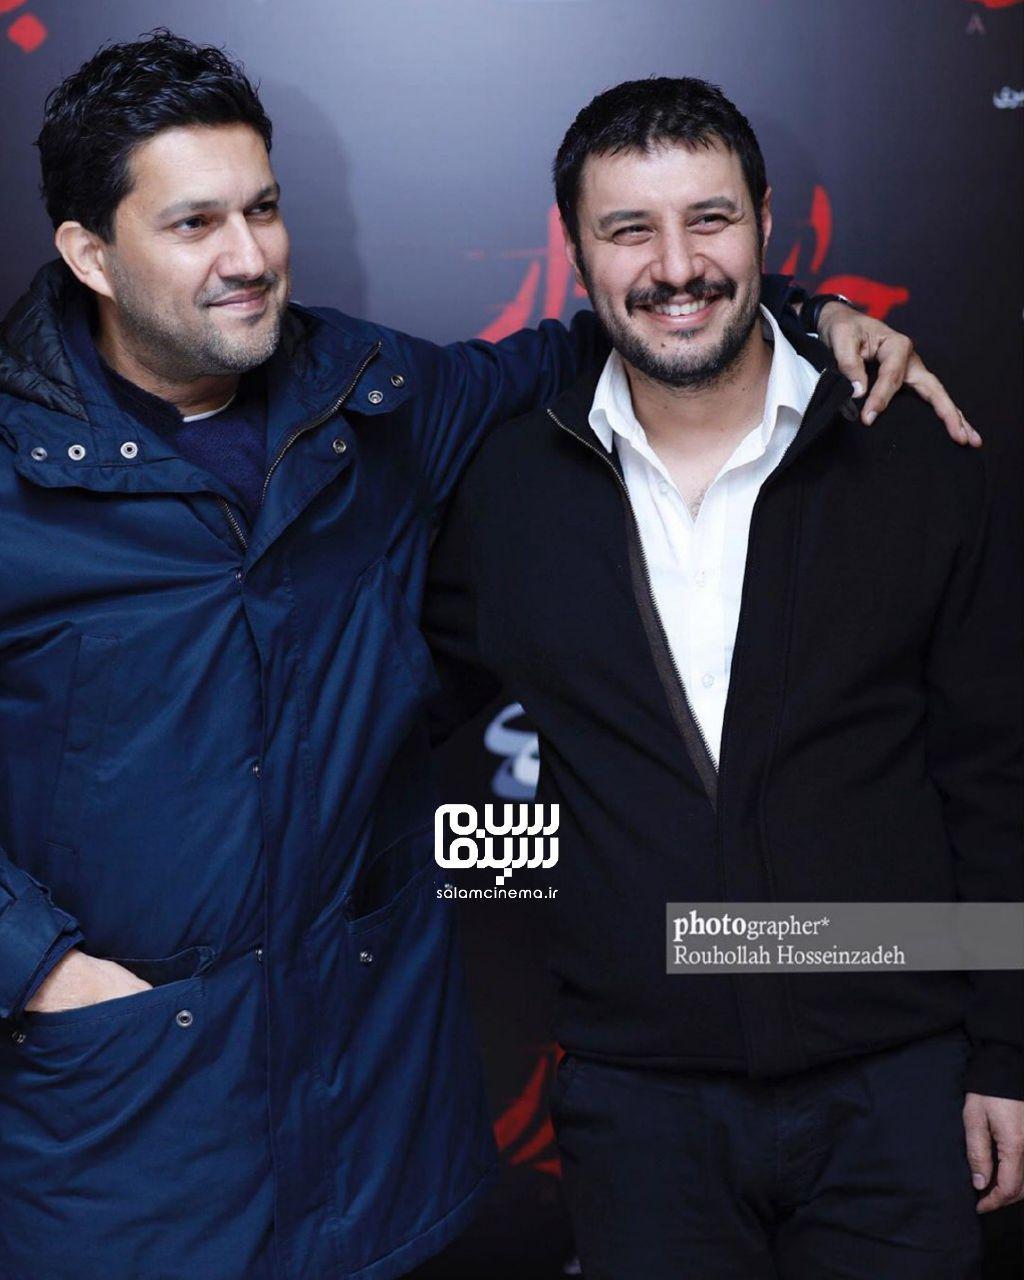 حامد بهداد - جواد عزتی - جان دار -گزارش تصویری هفتگی